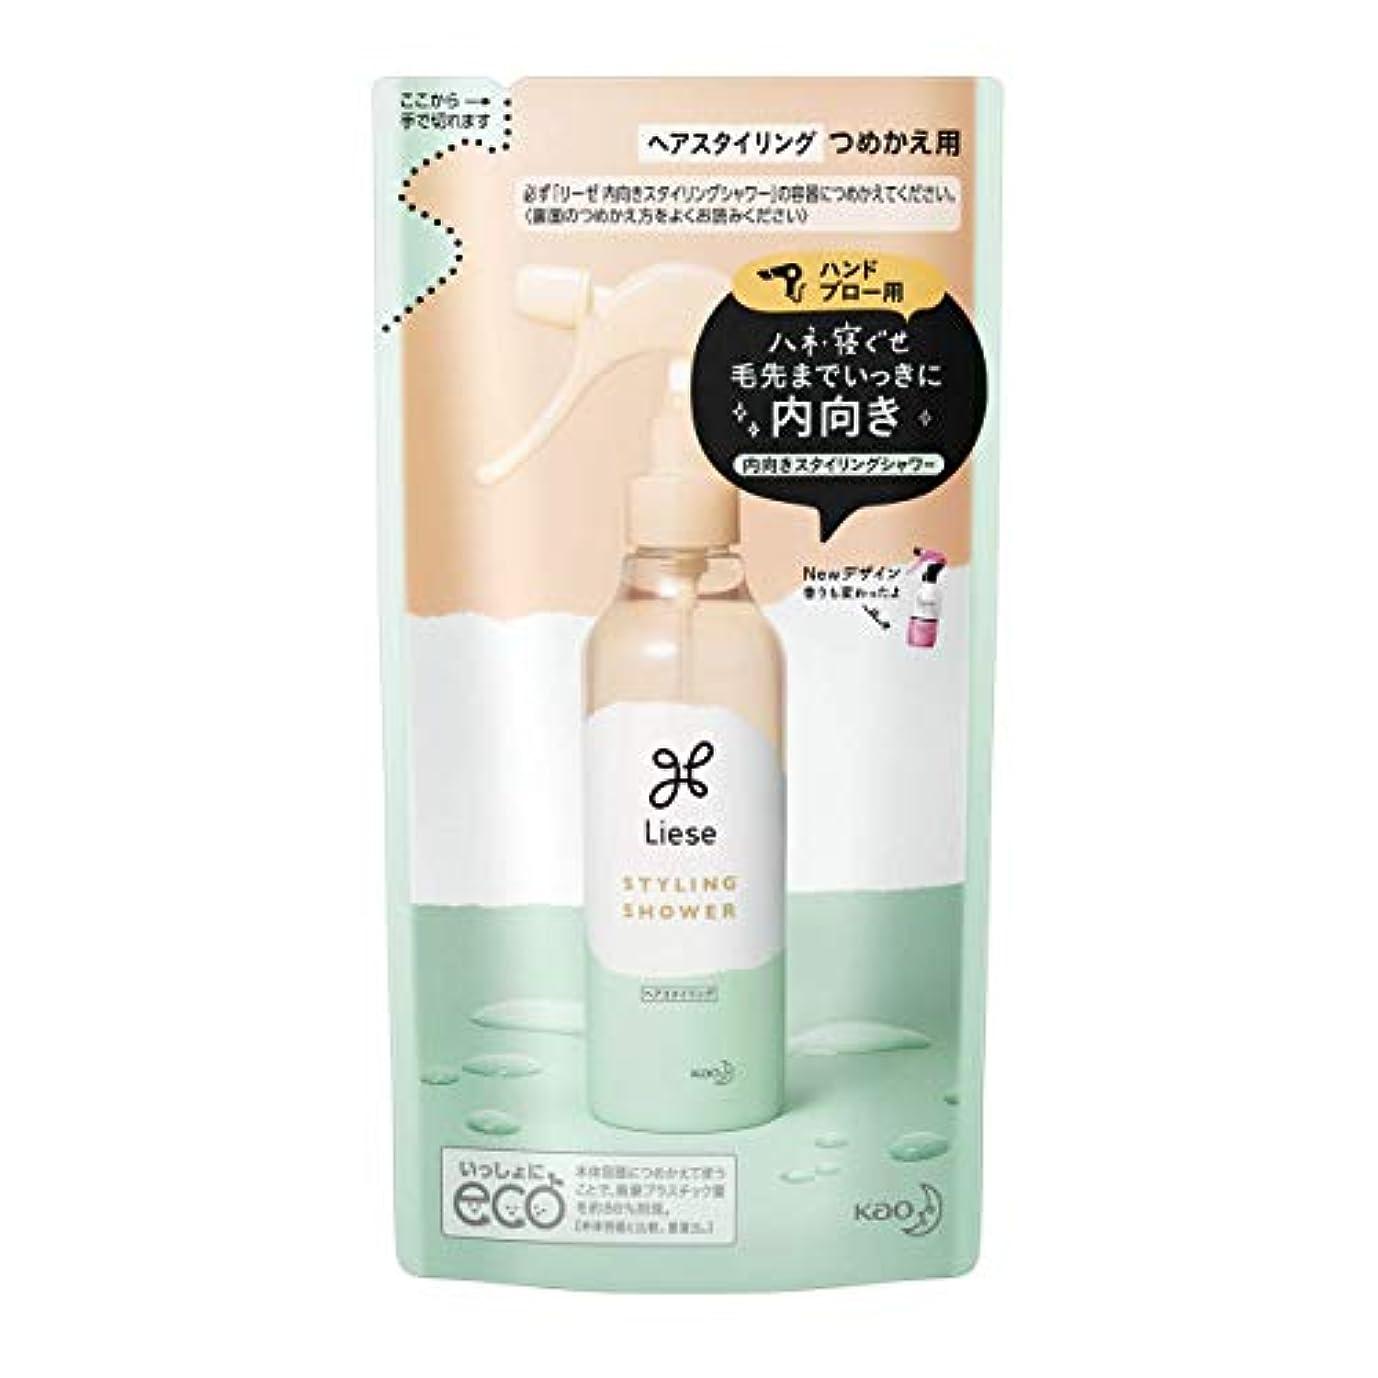 パンチ九血【まとめ買い】リーゼ 内向きスタイルつくれるシャワー つめかえ用 ×2セット